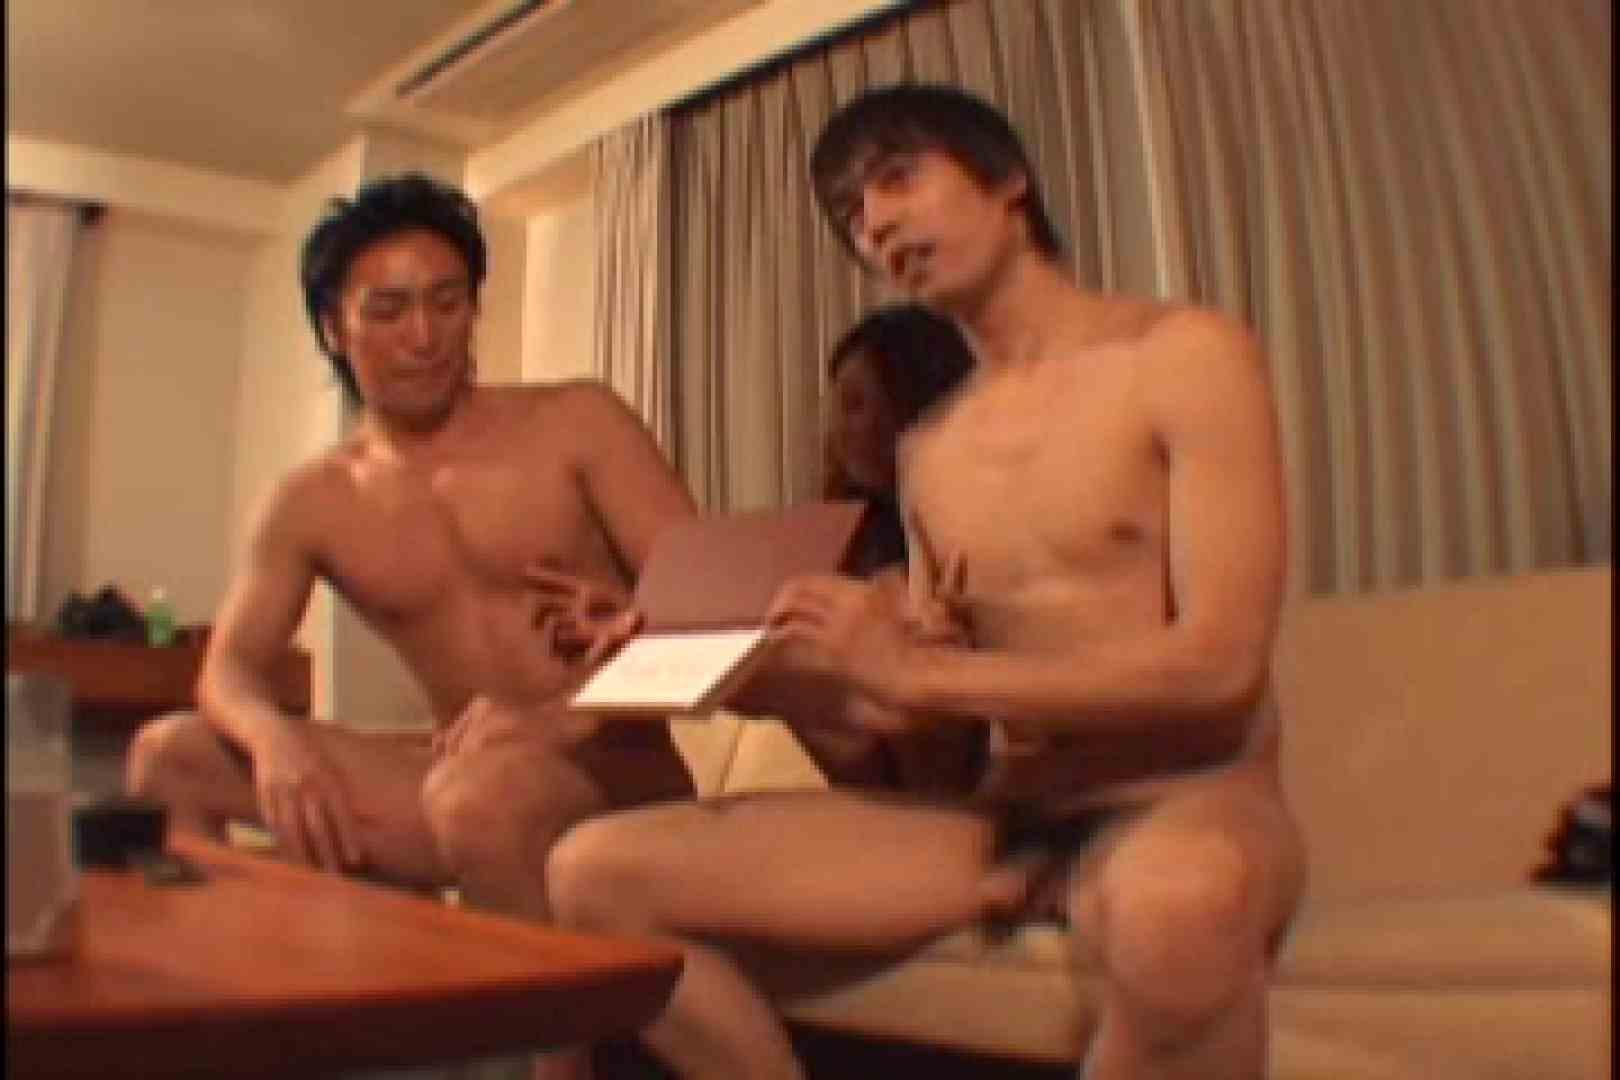 BEST OF イケメン!!男目線のガチSEX vol.04(対女性作品) 男  100pic 62